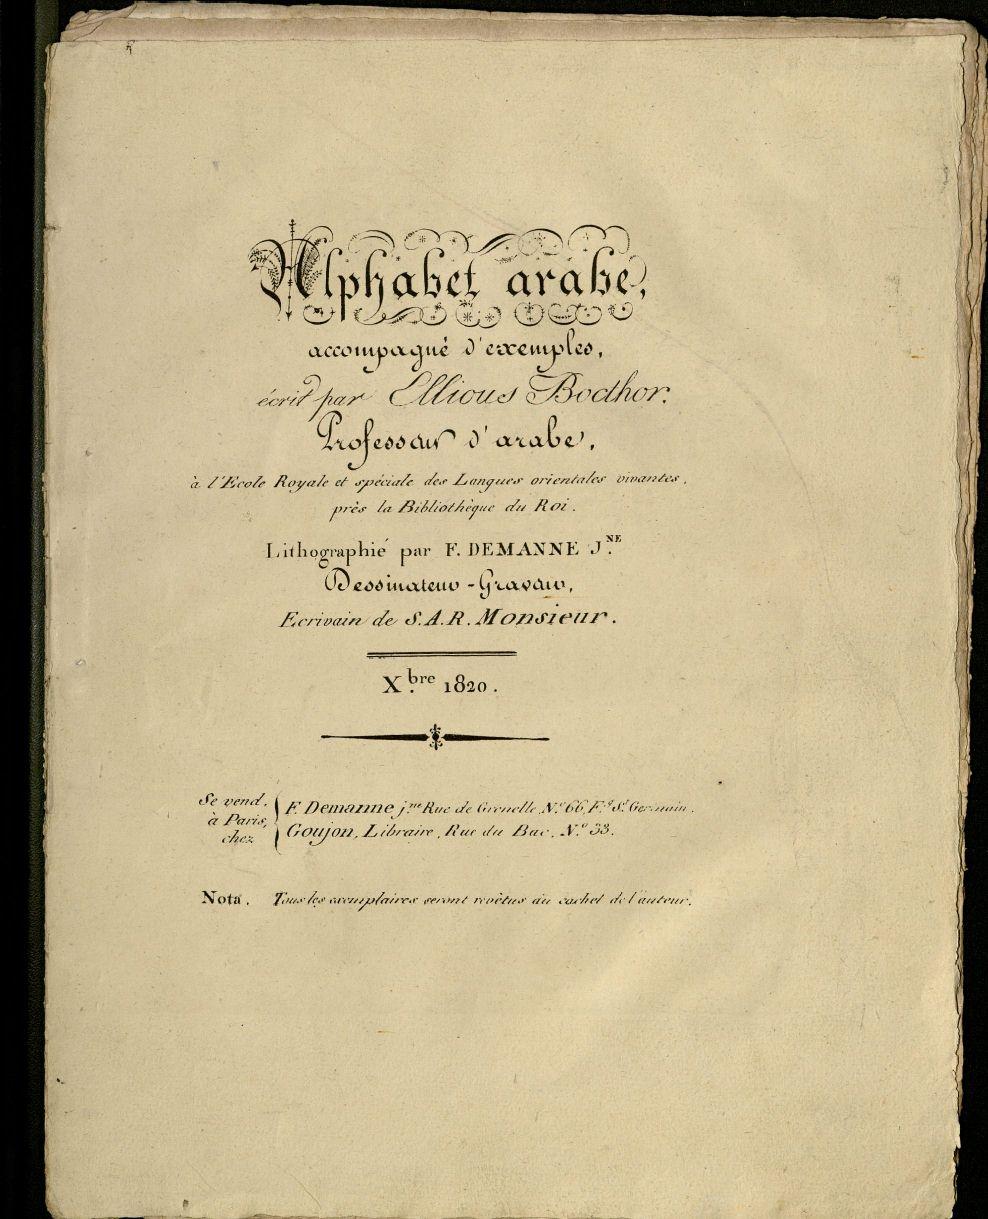 Alphabet arabe, accompagné d'exemples / écrit par Ellious Bocthor (title page) TypW 815.20.223